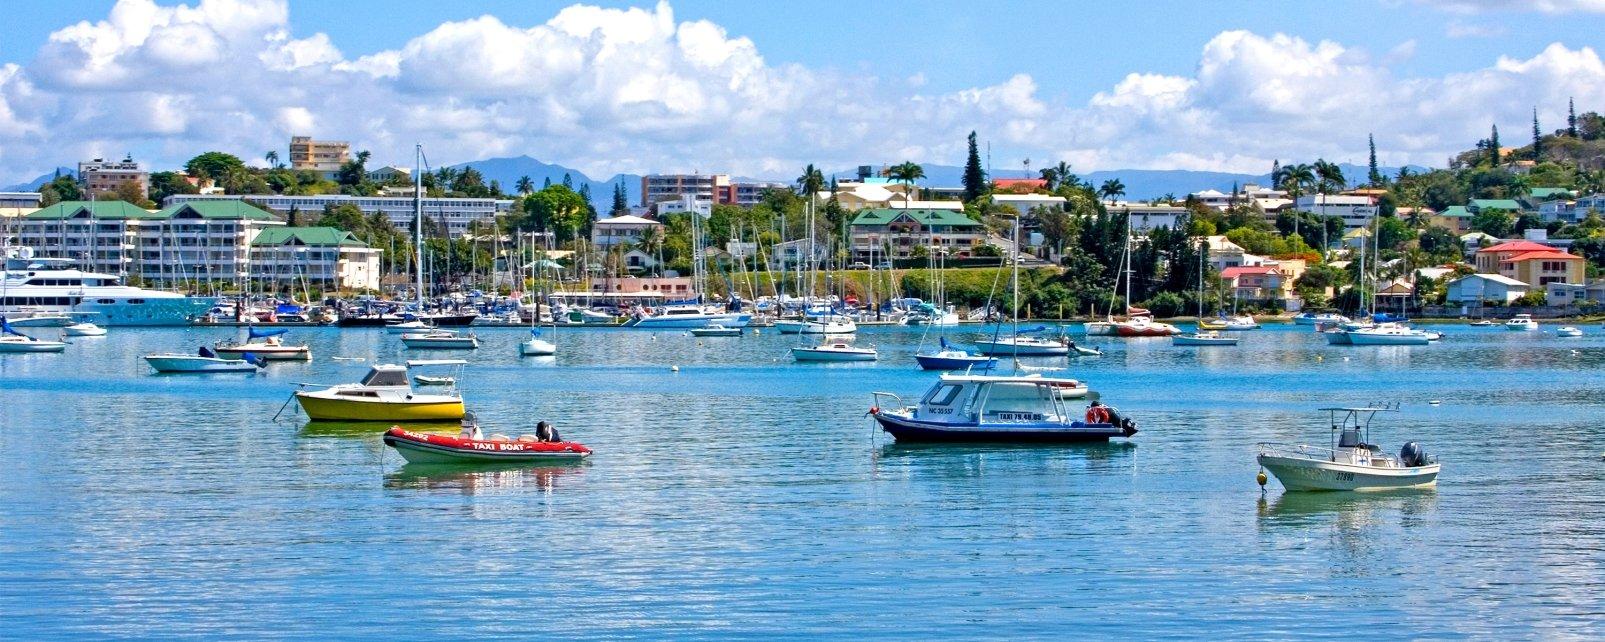 Océanie; Océan Pacifique; Nouvelle-Calédonie; Nouméa;